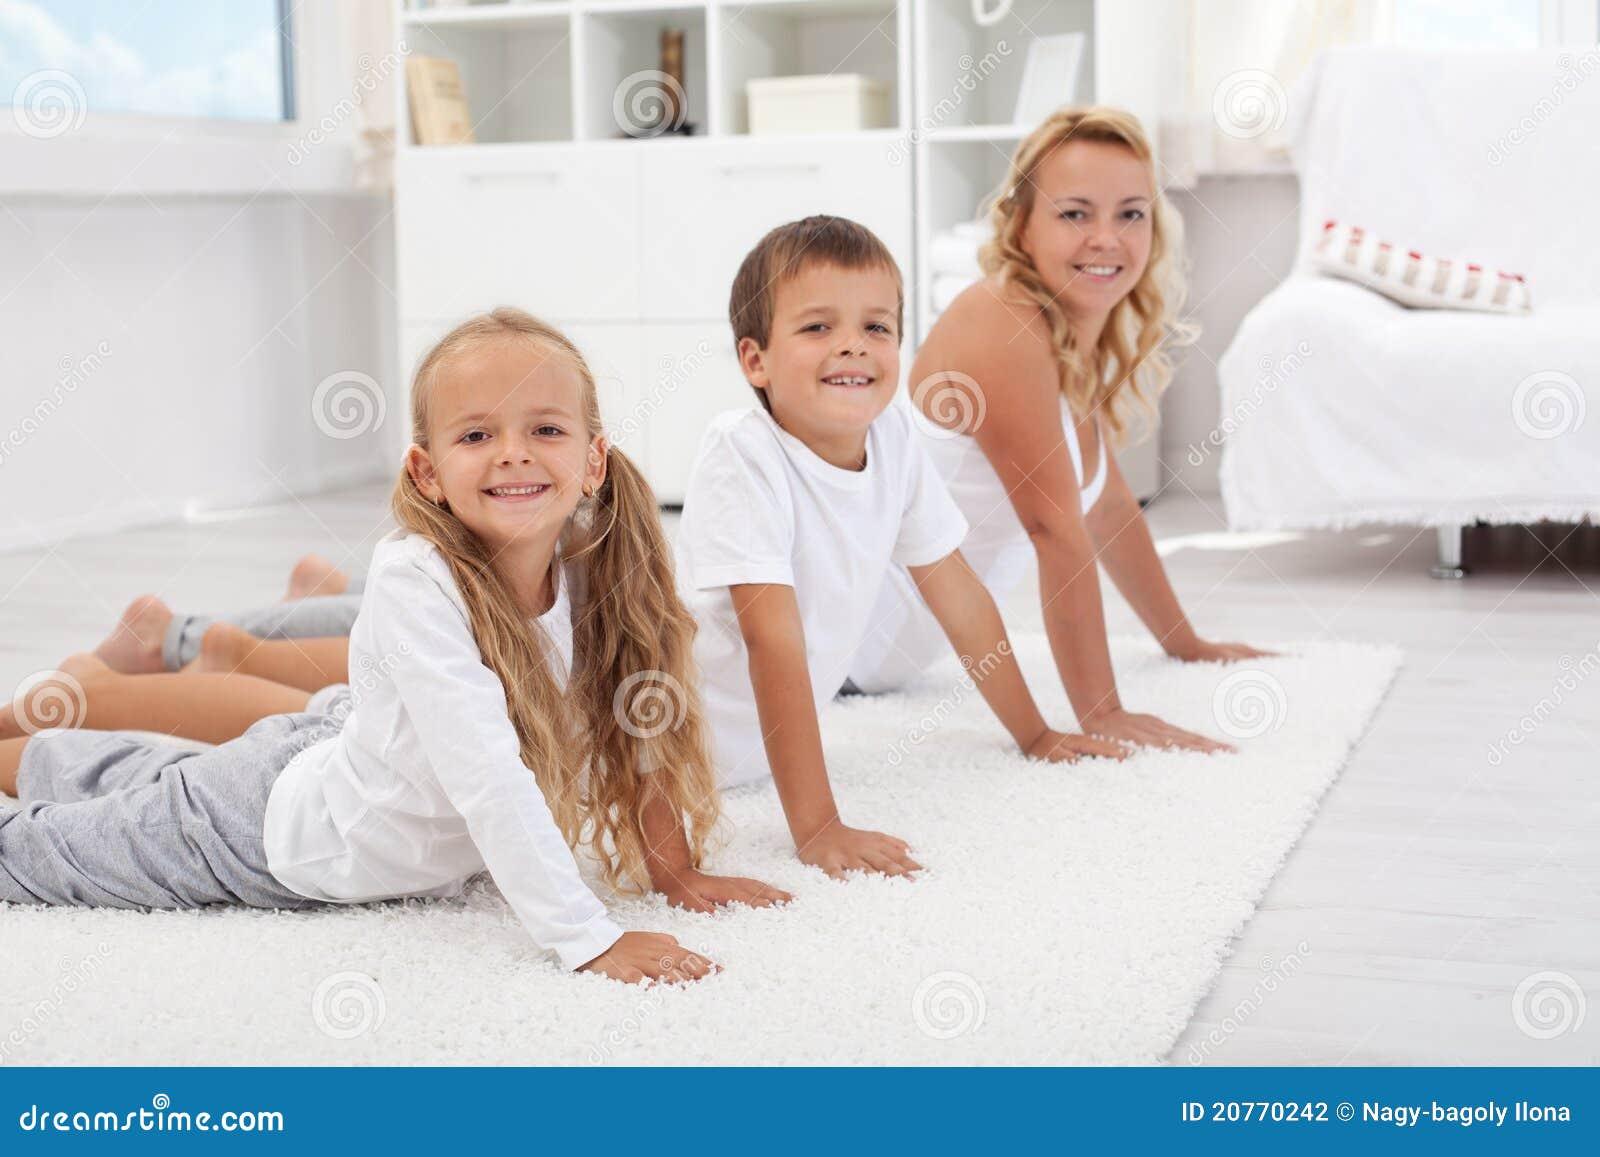 Чем мне заняться с двумя мальчиками и 2 девочками 22 фотография